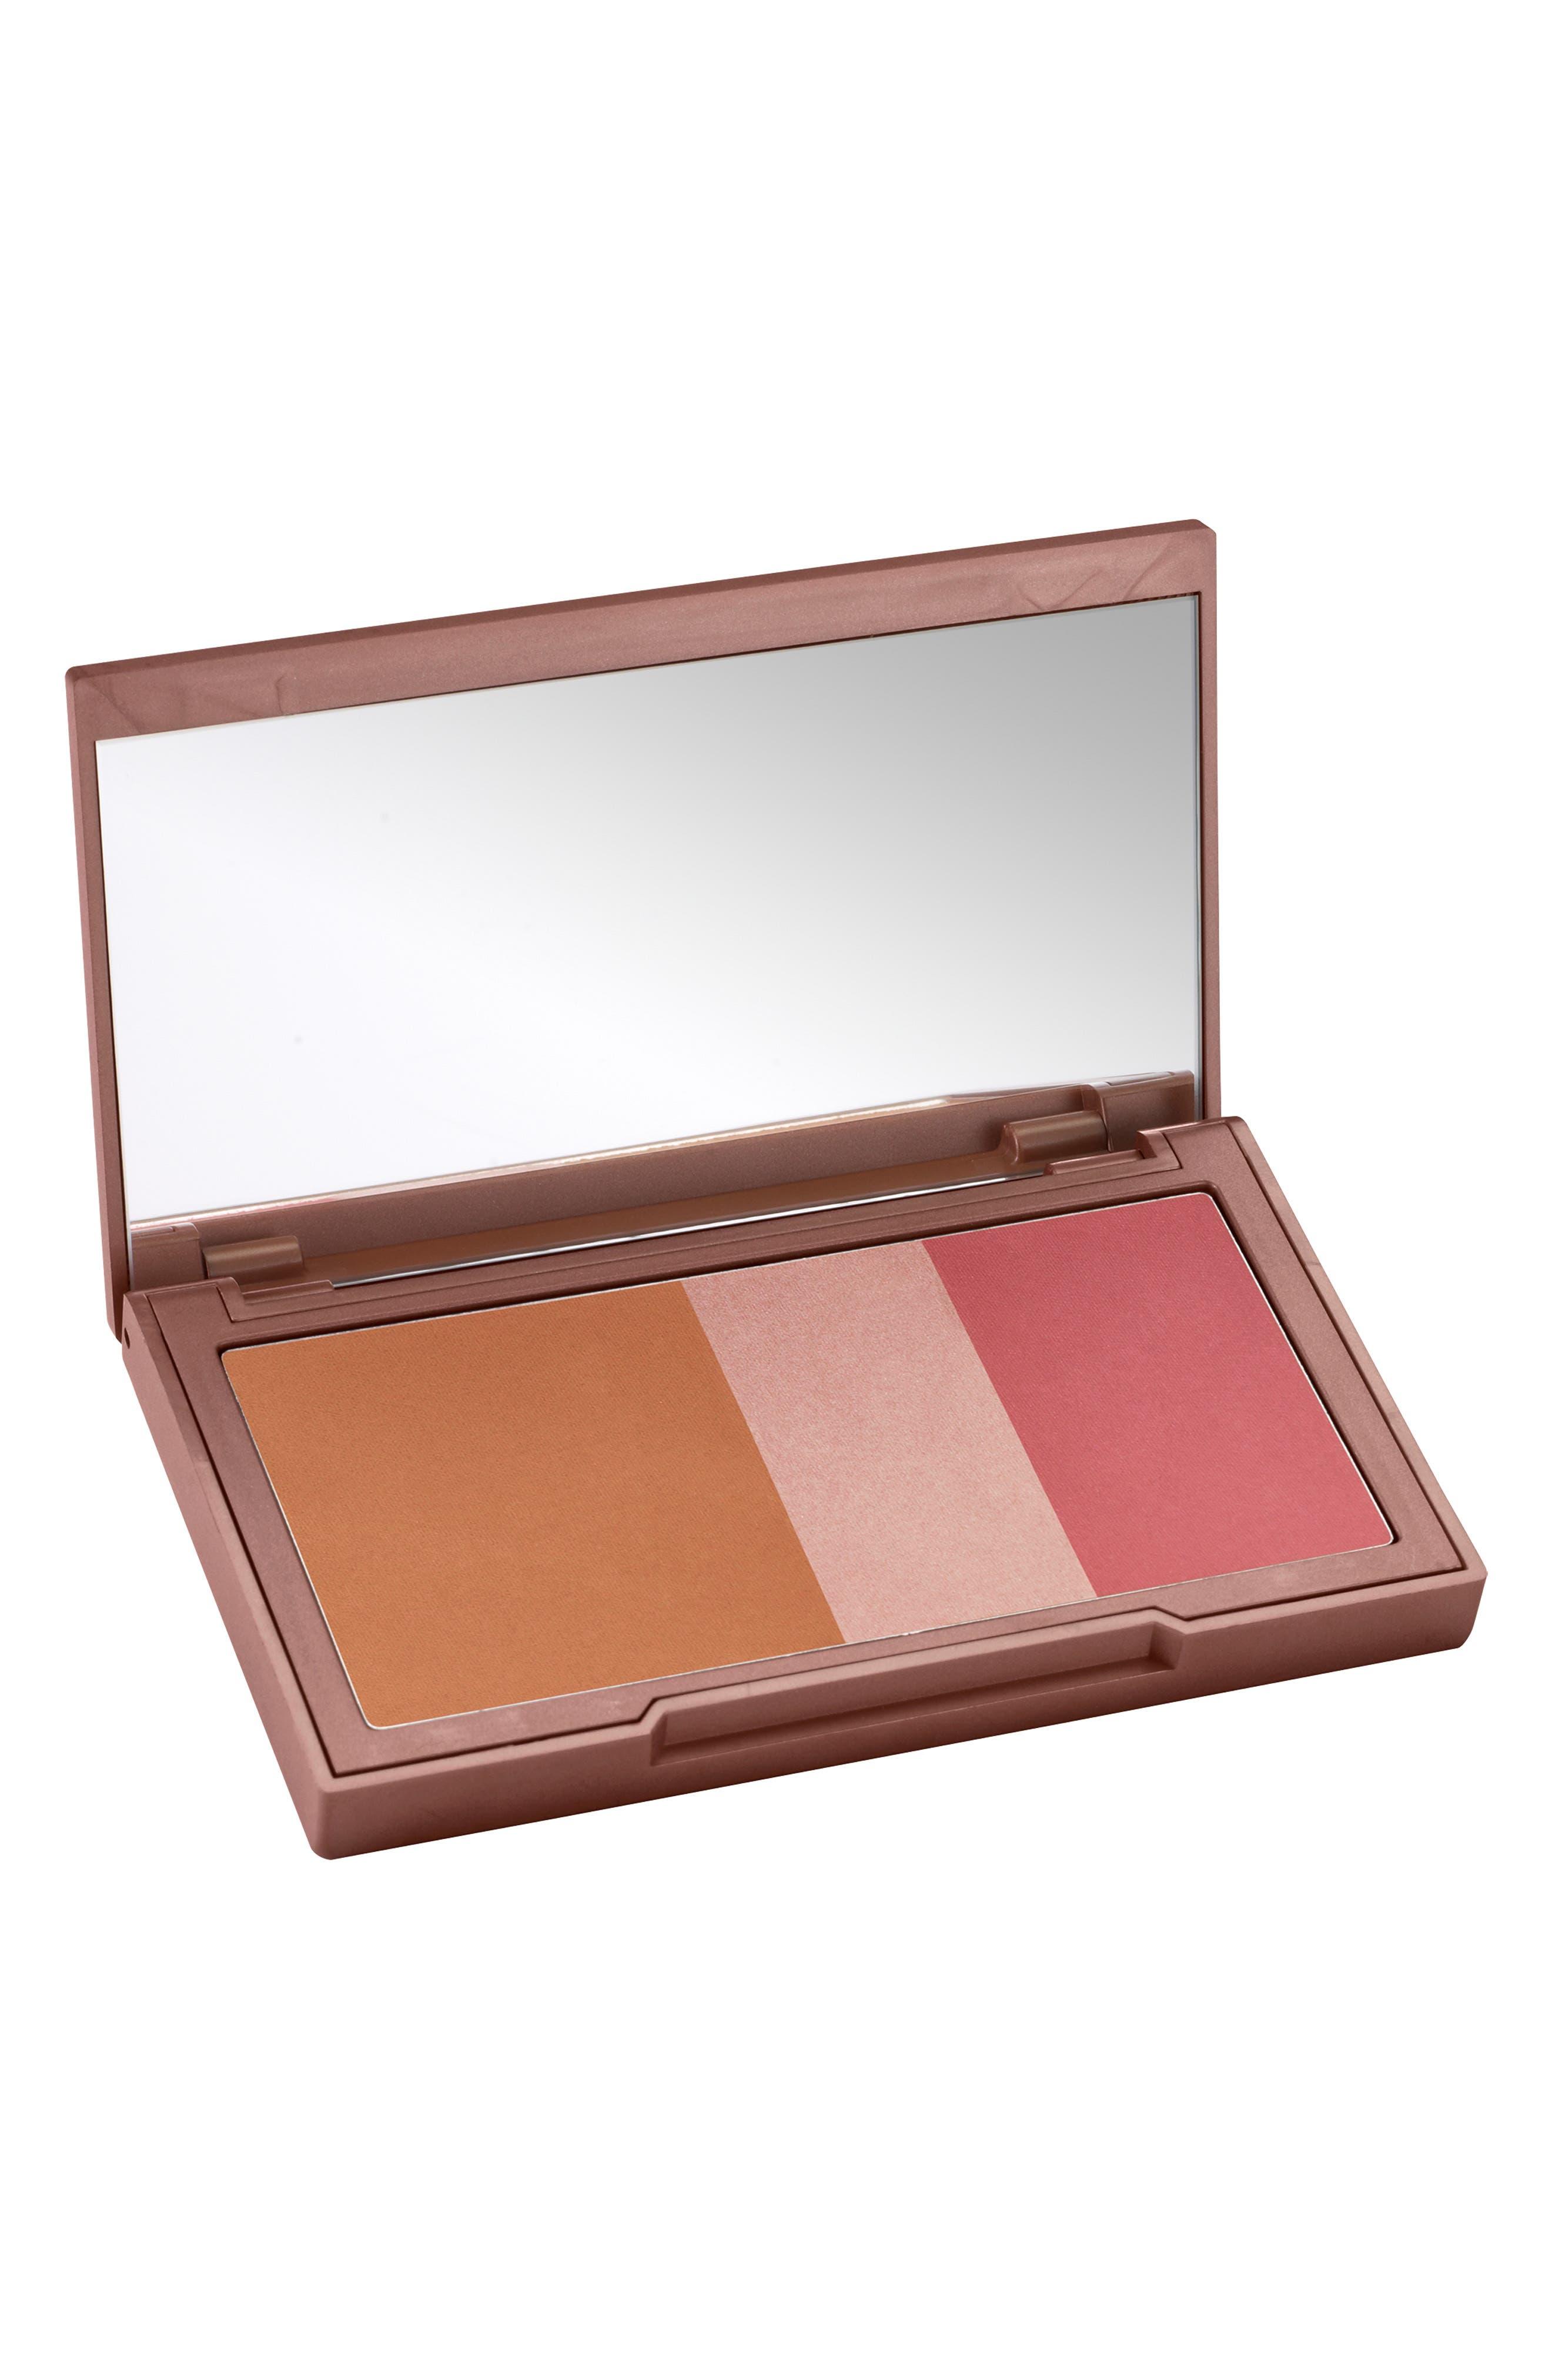 Naked Flushed Bronzer, Highlighter & Blush Palette,                         Main,                         color, NAKED